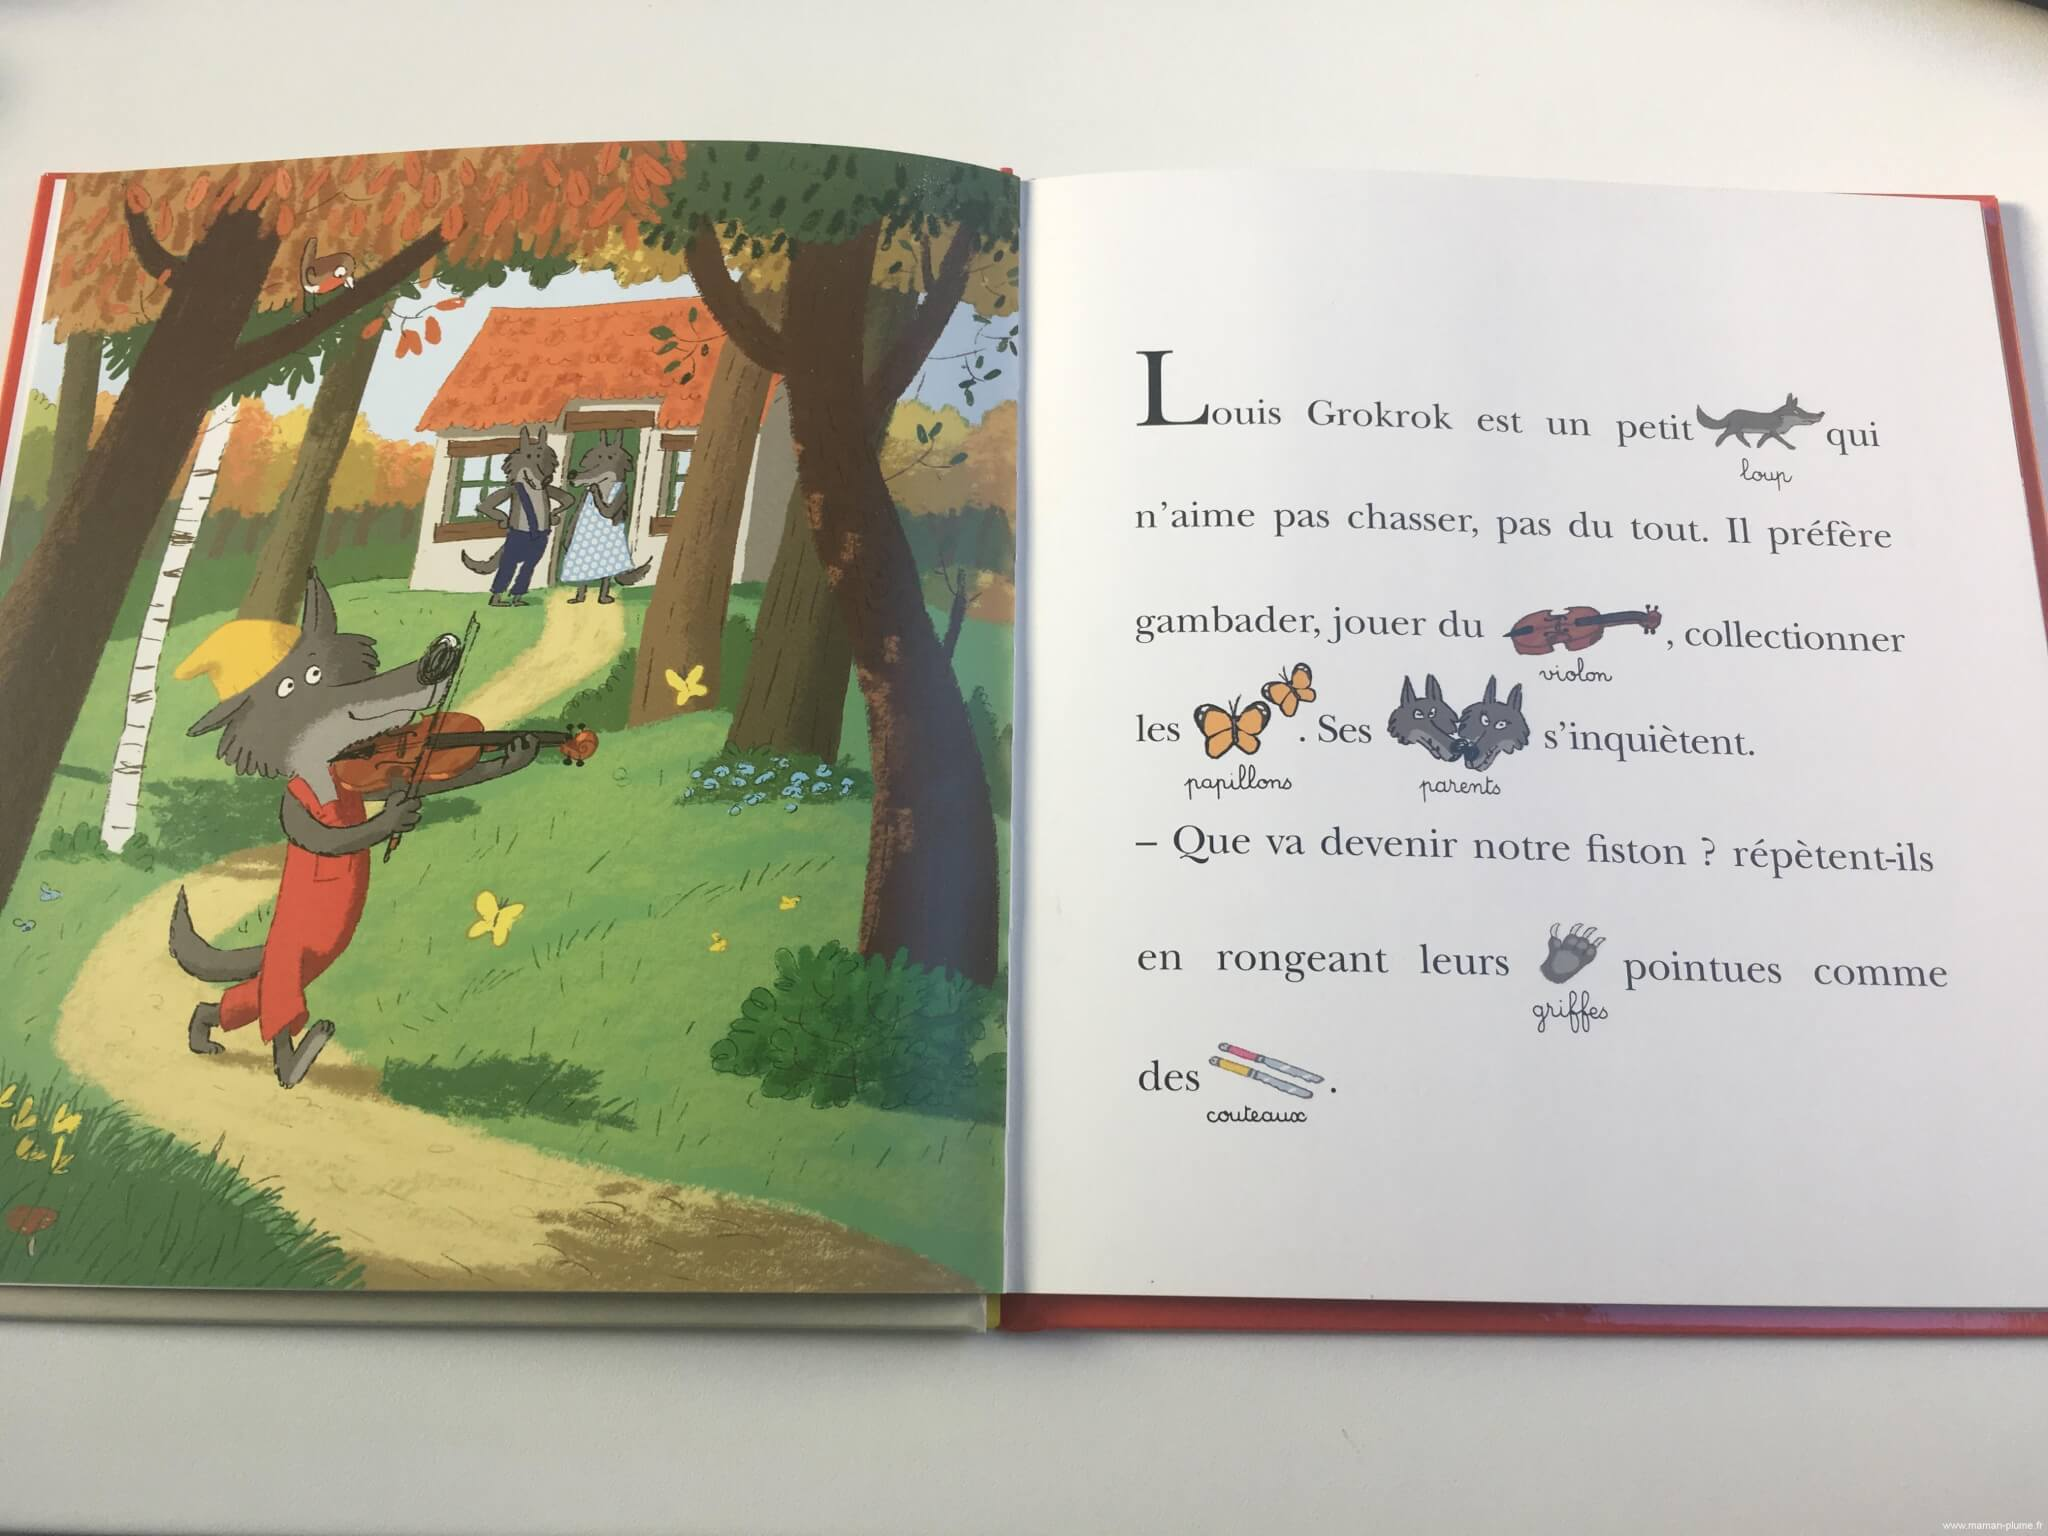 Apprendre à lire en s'amusant avec les Editions Lito